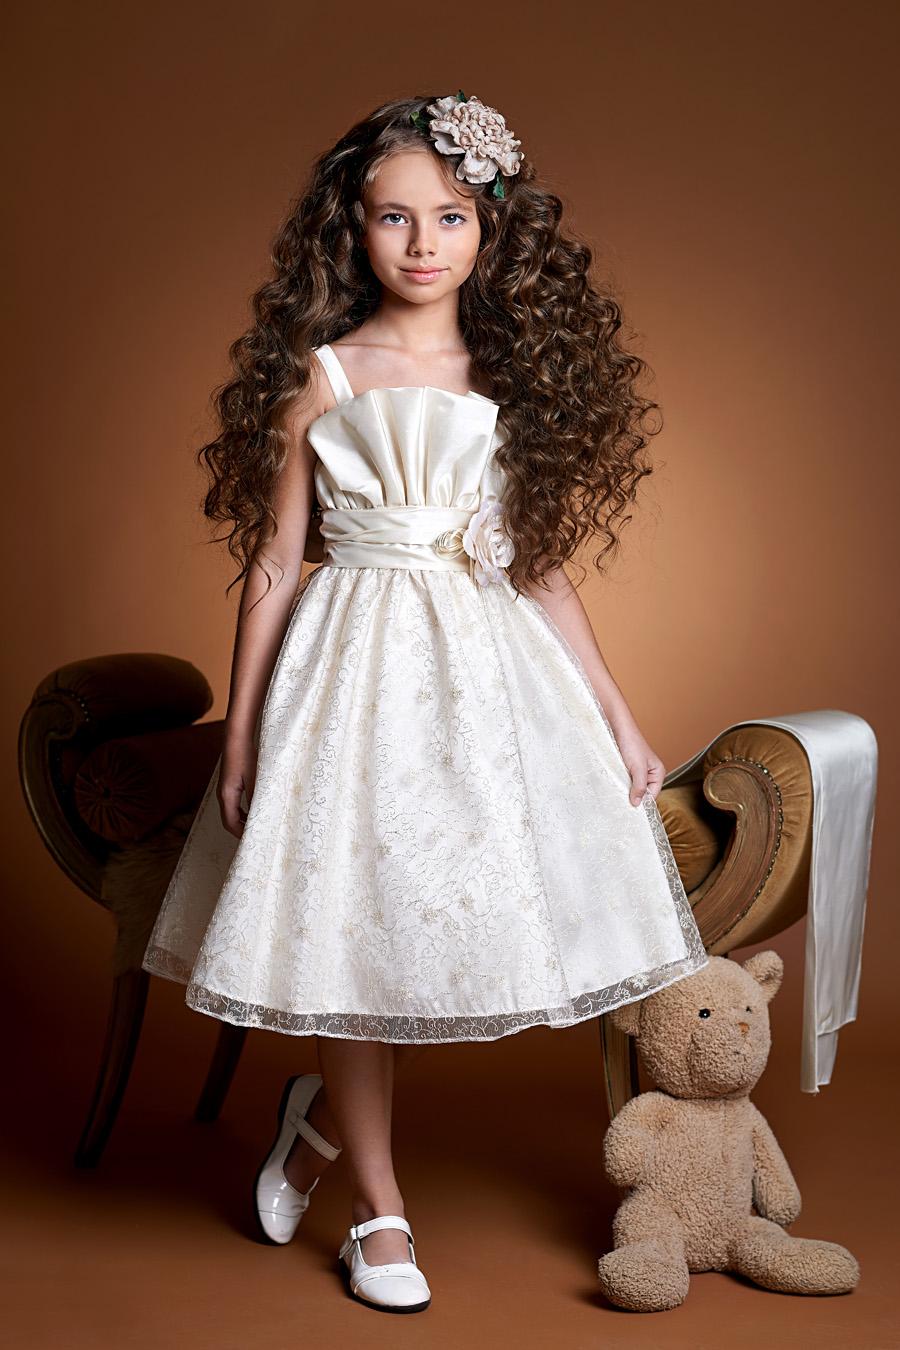 Сбор заказов. Моё любимое платье-12. Такого выбора праздничных платьев Вы еще не видели! Костюмы на мальчиков. Аксессуары. Без рядов. Снижен орг-процент!